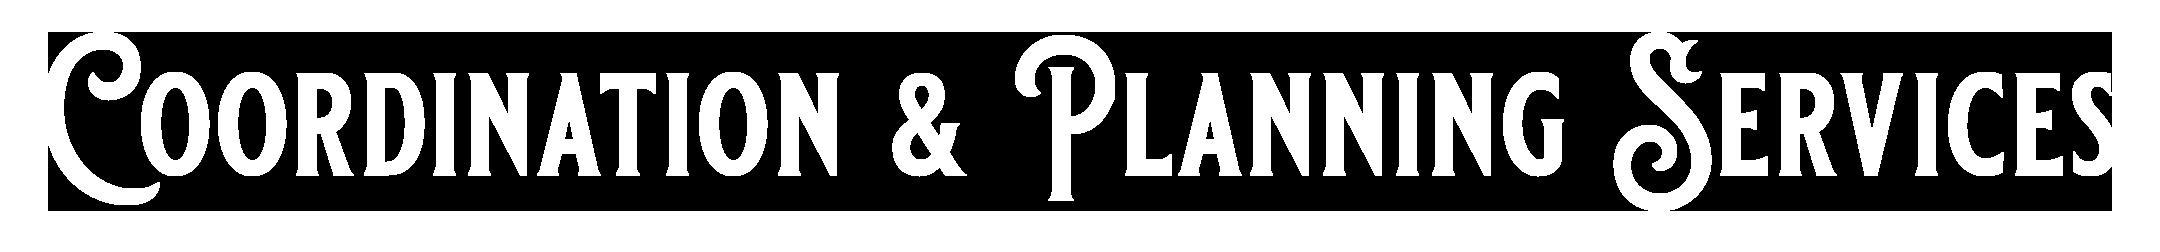 CoordinationandPlanning.png